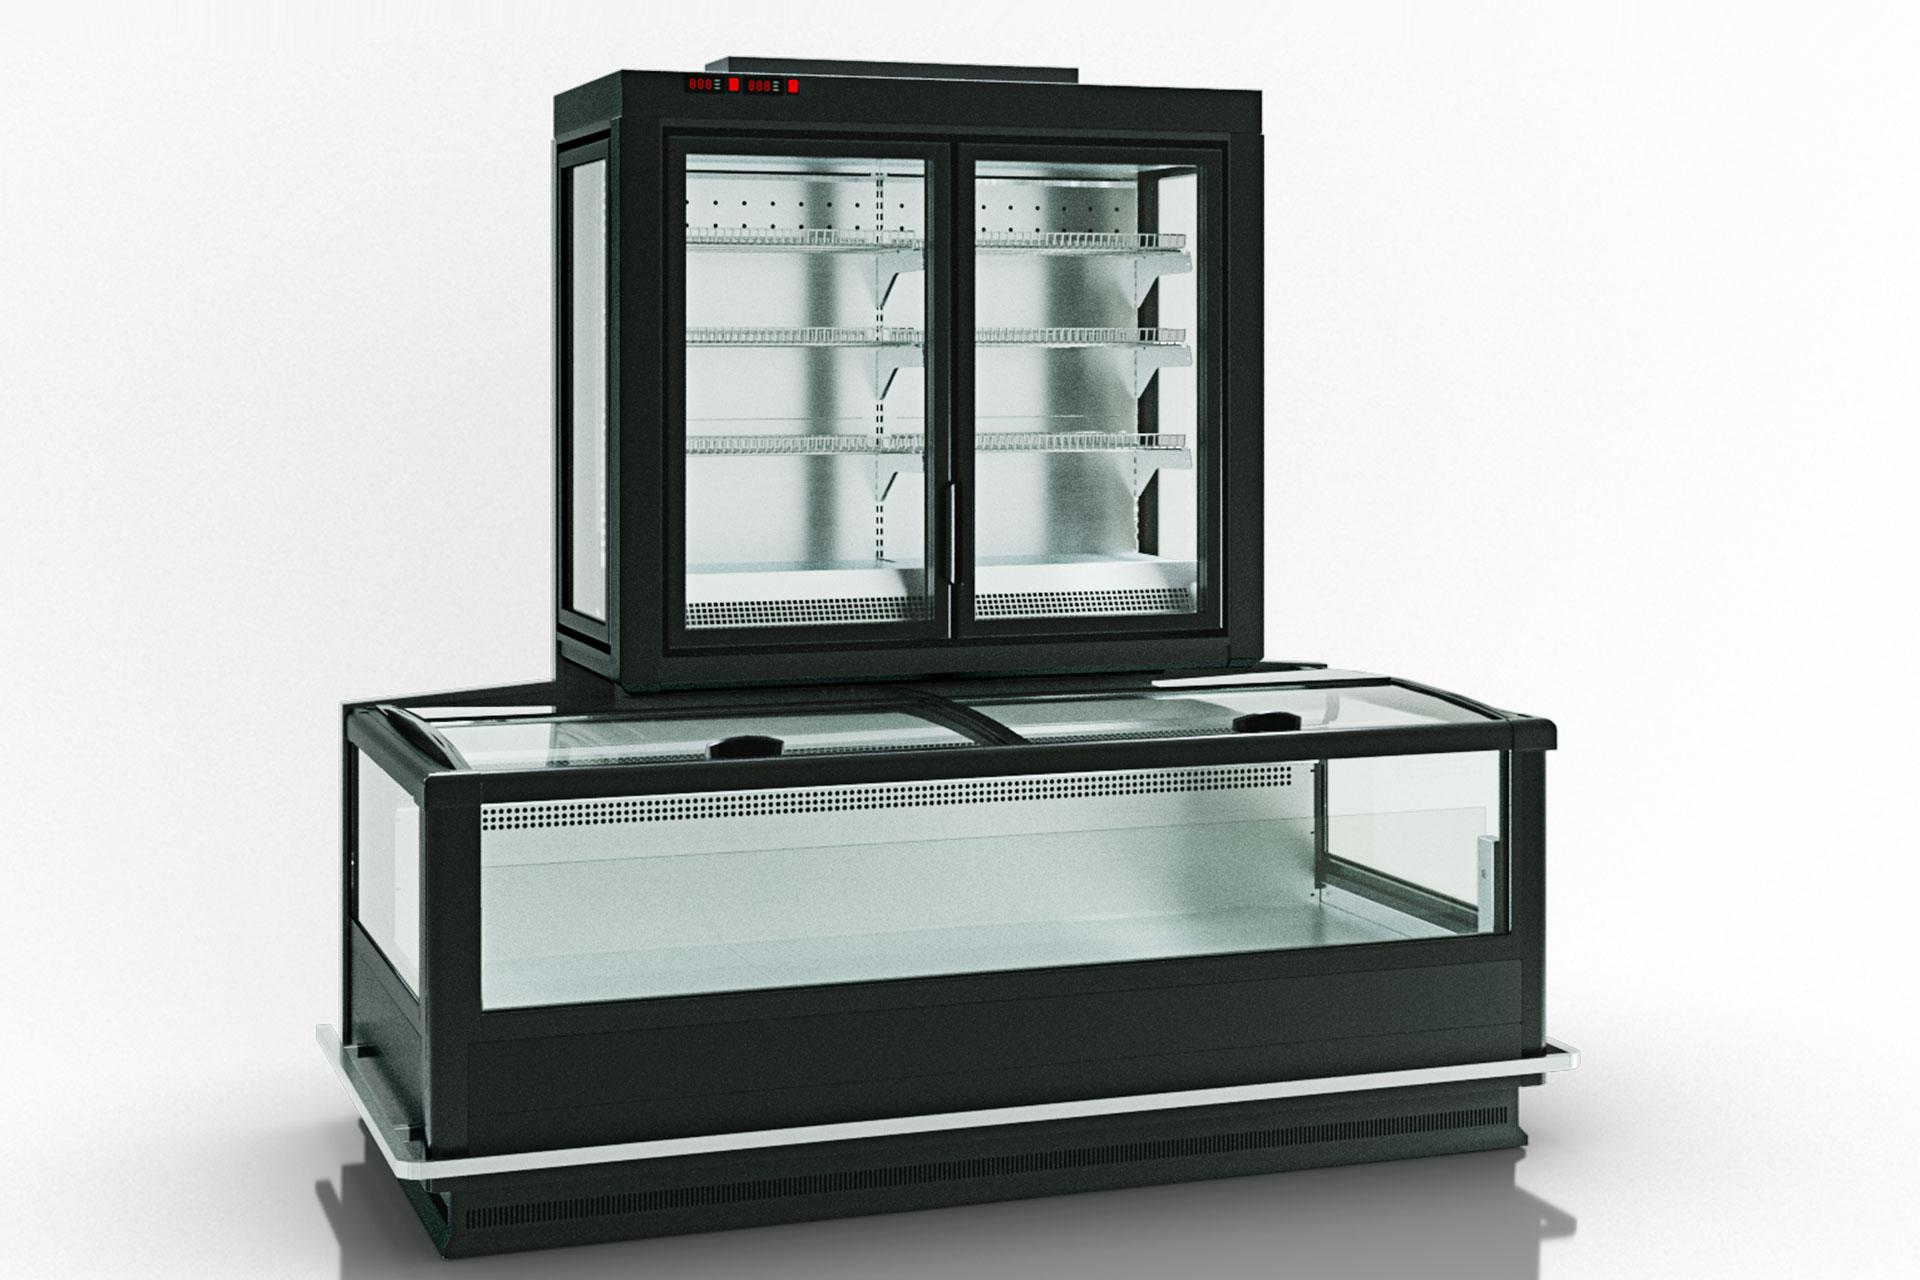 Frozen foods units Alaska combi 2 MD MHV 110 LT D/C 220-DLM-TL